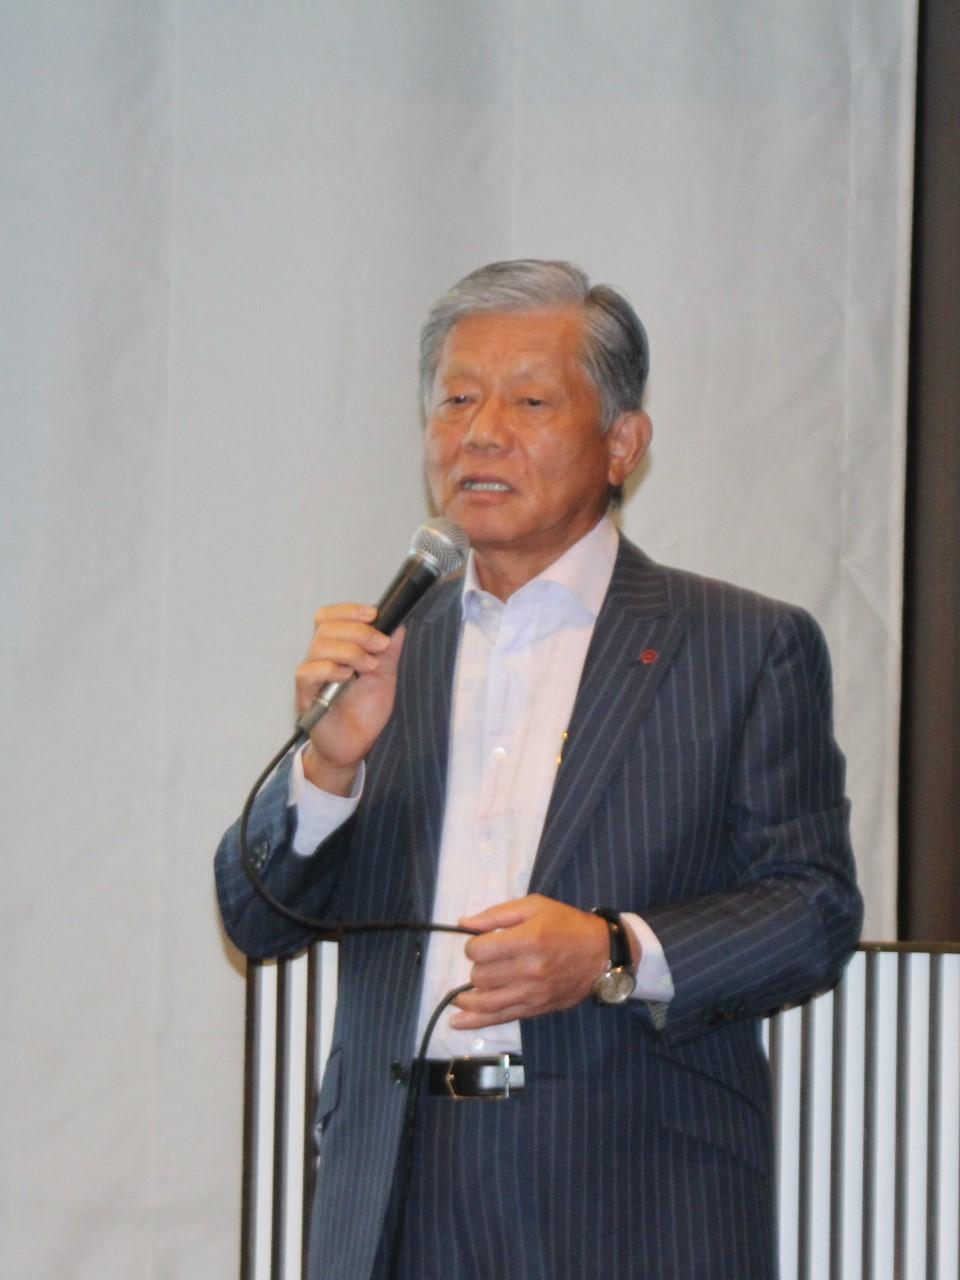 構造改革の進捗状況を説明する長坂社長